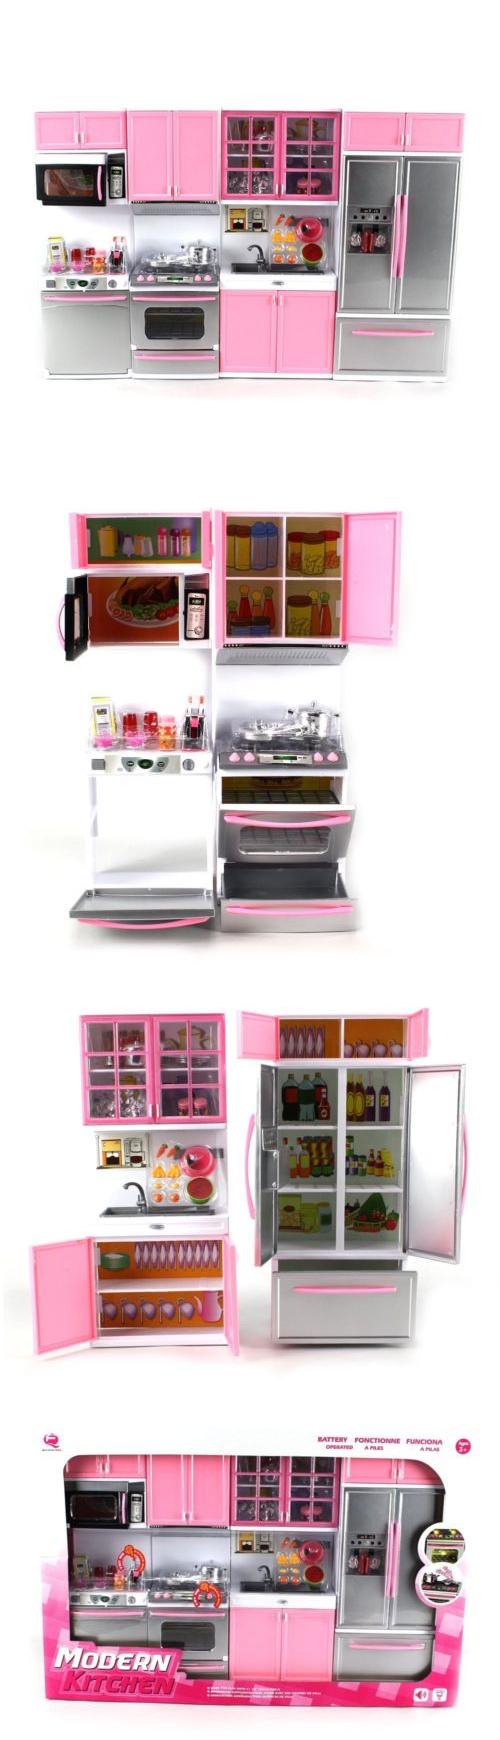 Barbie Kitchen Furniture Kitchens 158746 Dollhouse Furniture Kitchen Playset Barbie House